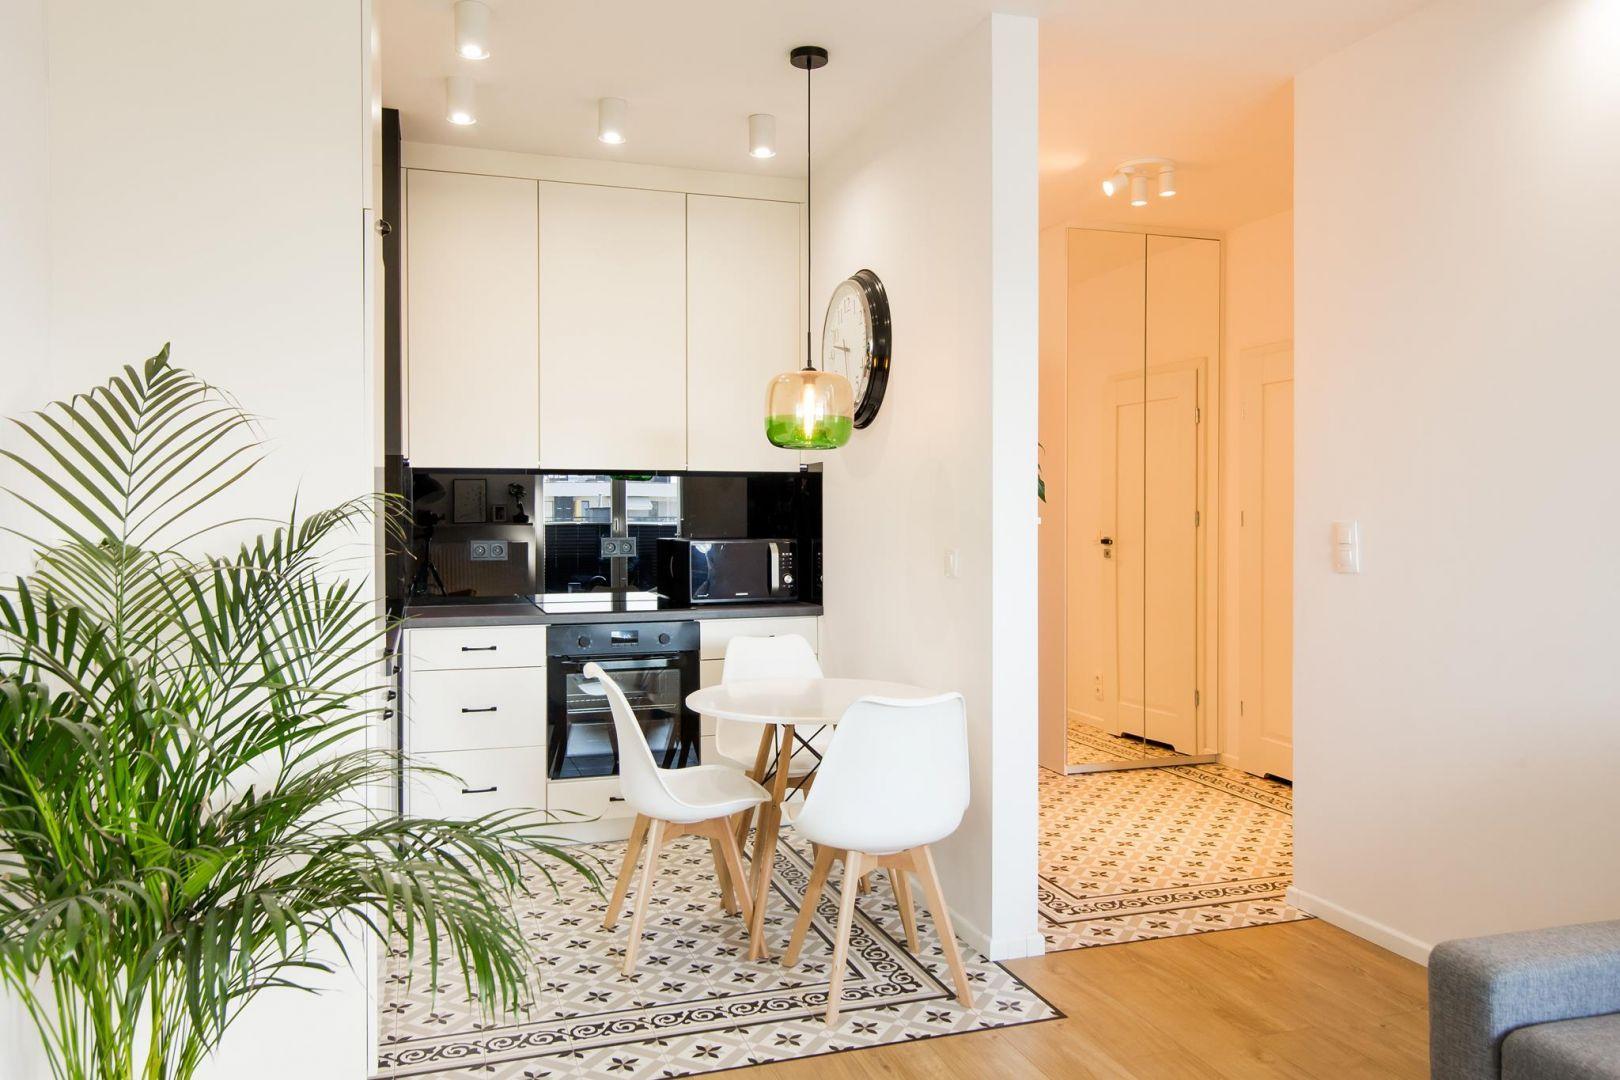 Architekci Postanowili Oddzielic Przestrzen Salonu Kuchni I Korytarza Wejsciowego Podloga W Kuchni I Przedpokoju Znajdzie Interior Design Interior Home Decor